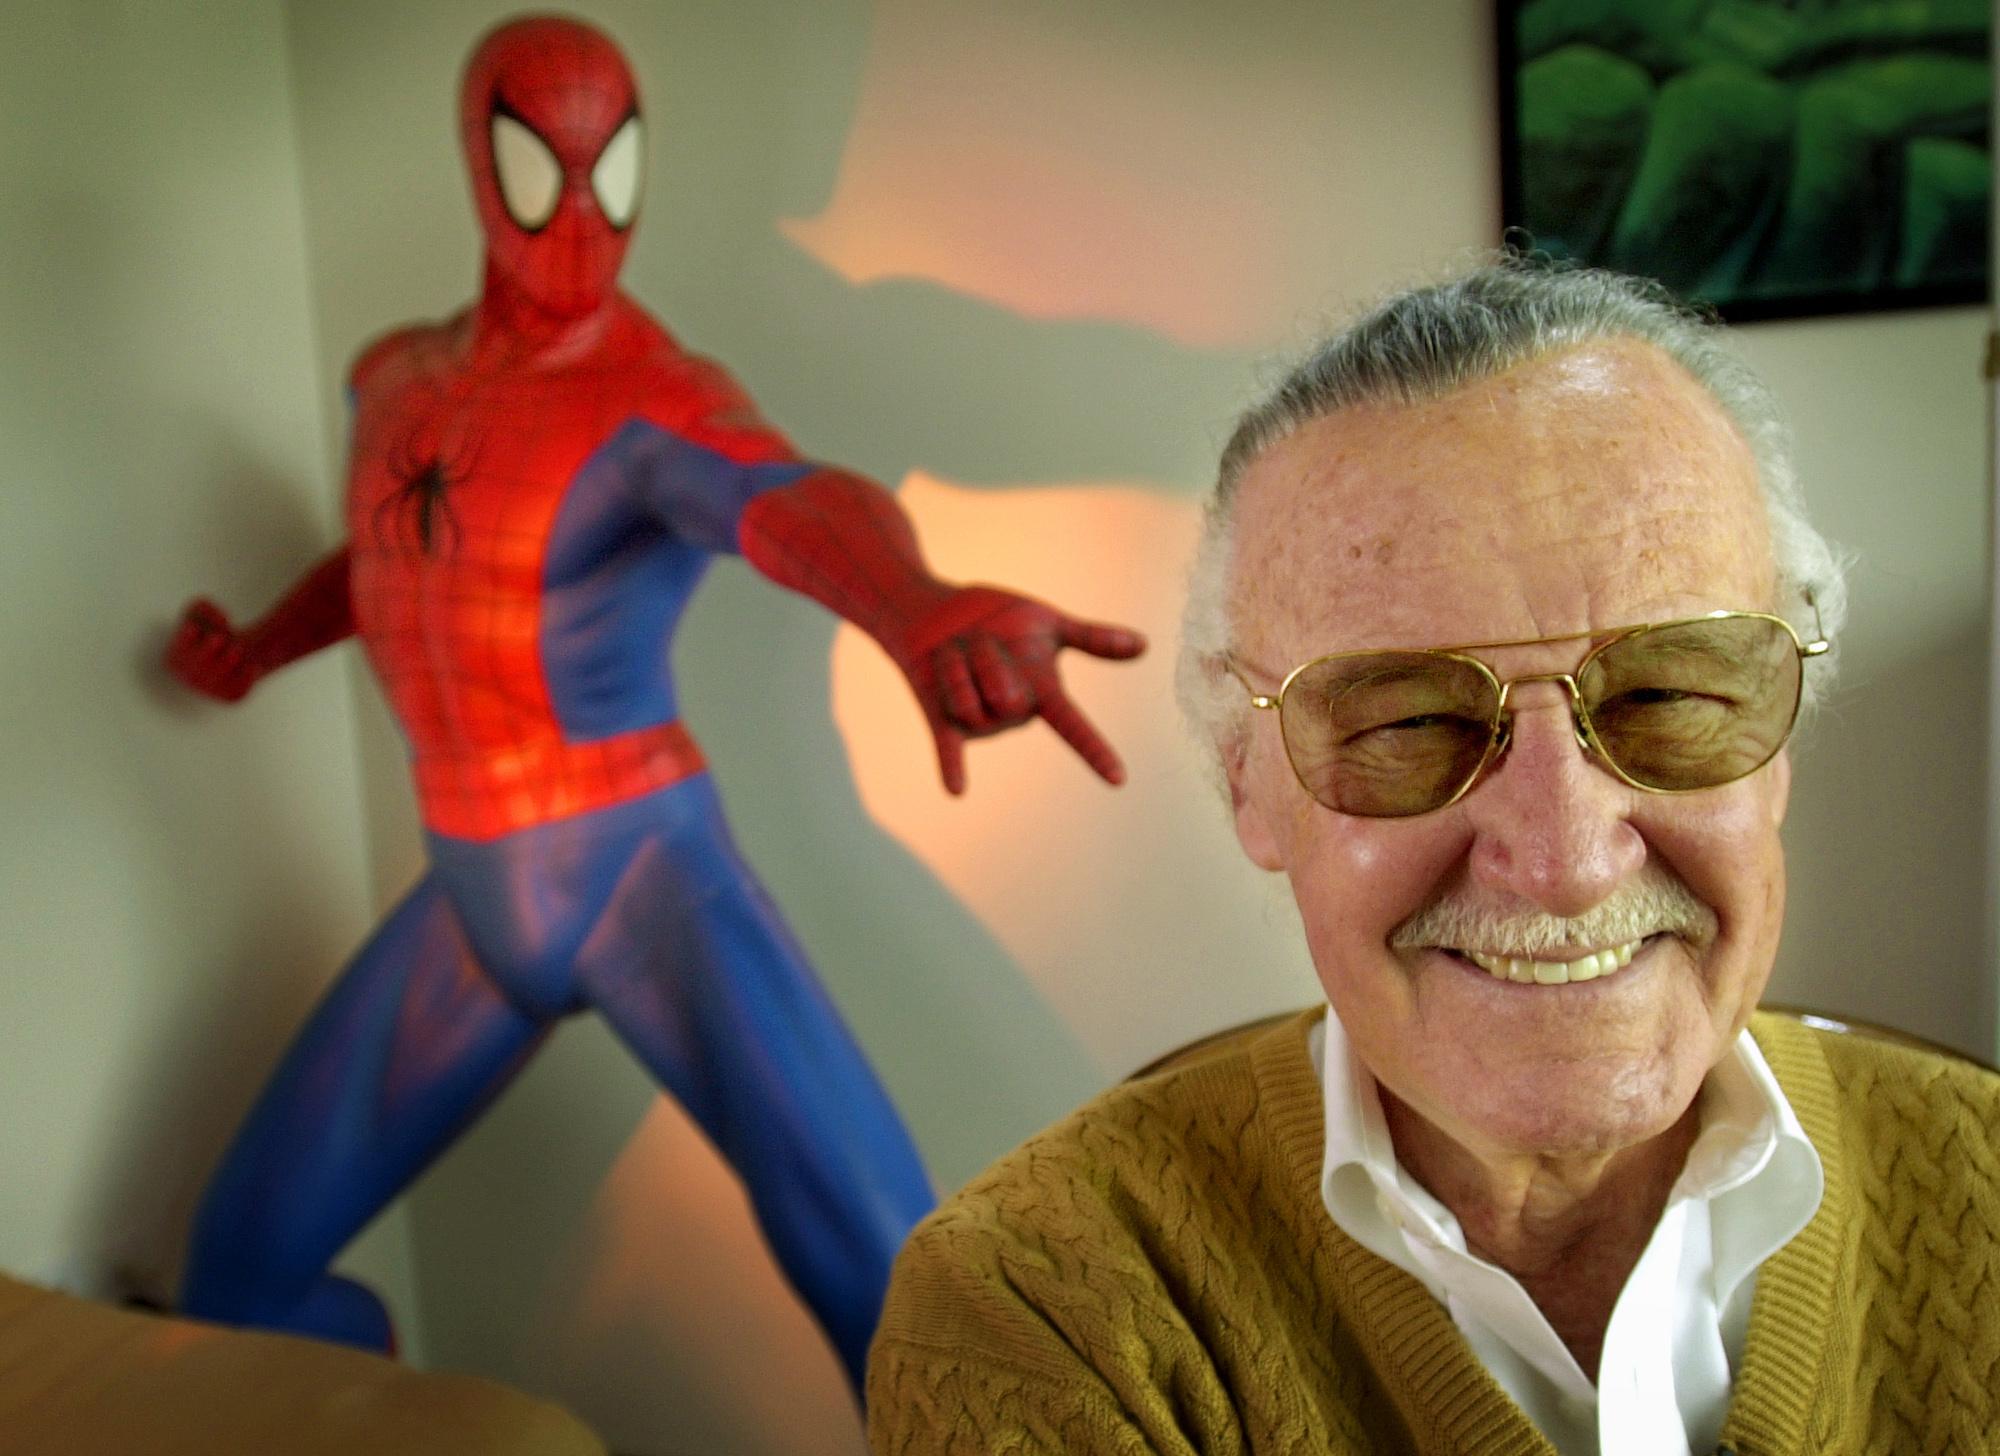 Criador de Super-Heróis e da Marvel faz desenho para Criança com Autismo/ Foto denofgeek.us